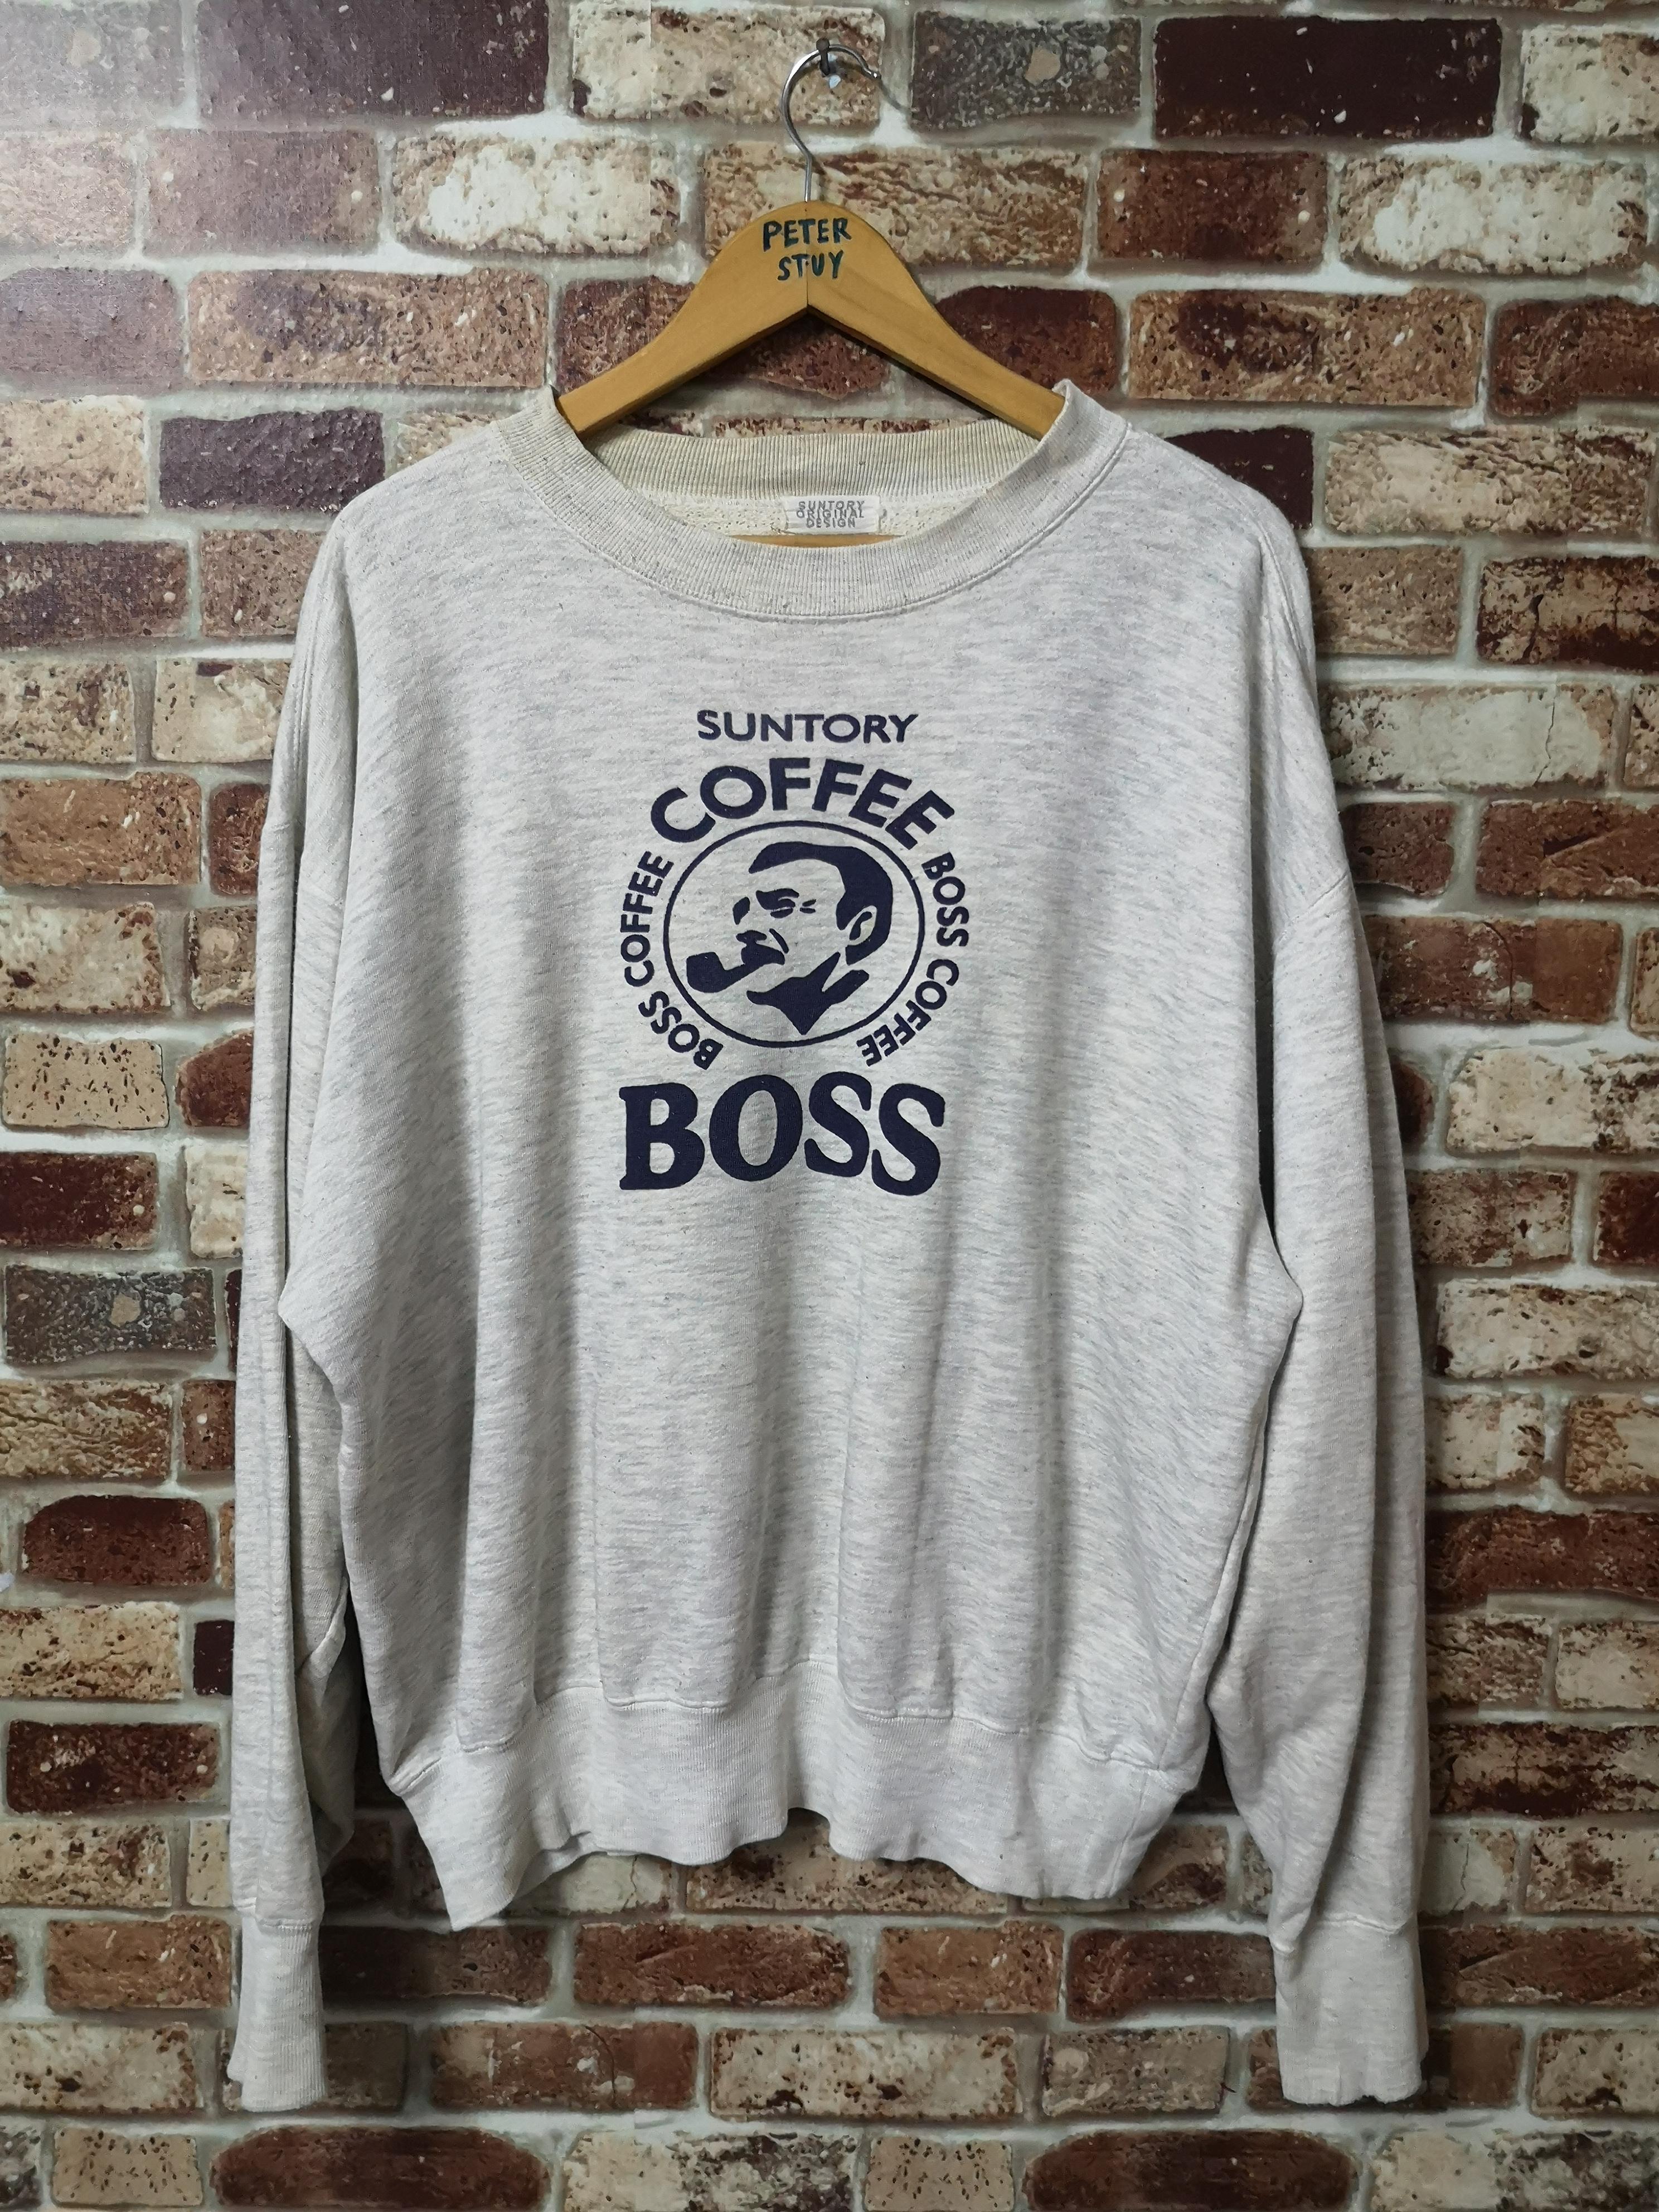 Suntory Coffee Stripes Sweater Retro Rap Tee 90s Style Hip Hop Swag Streetwear Sportwear Vintage Suntory Coffee Small Logo Zipper Jacket